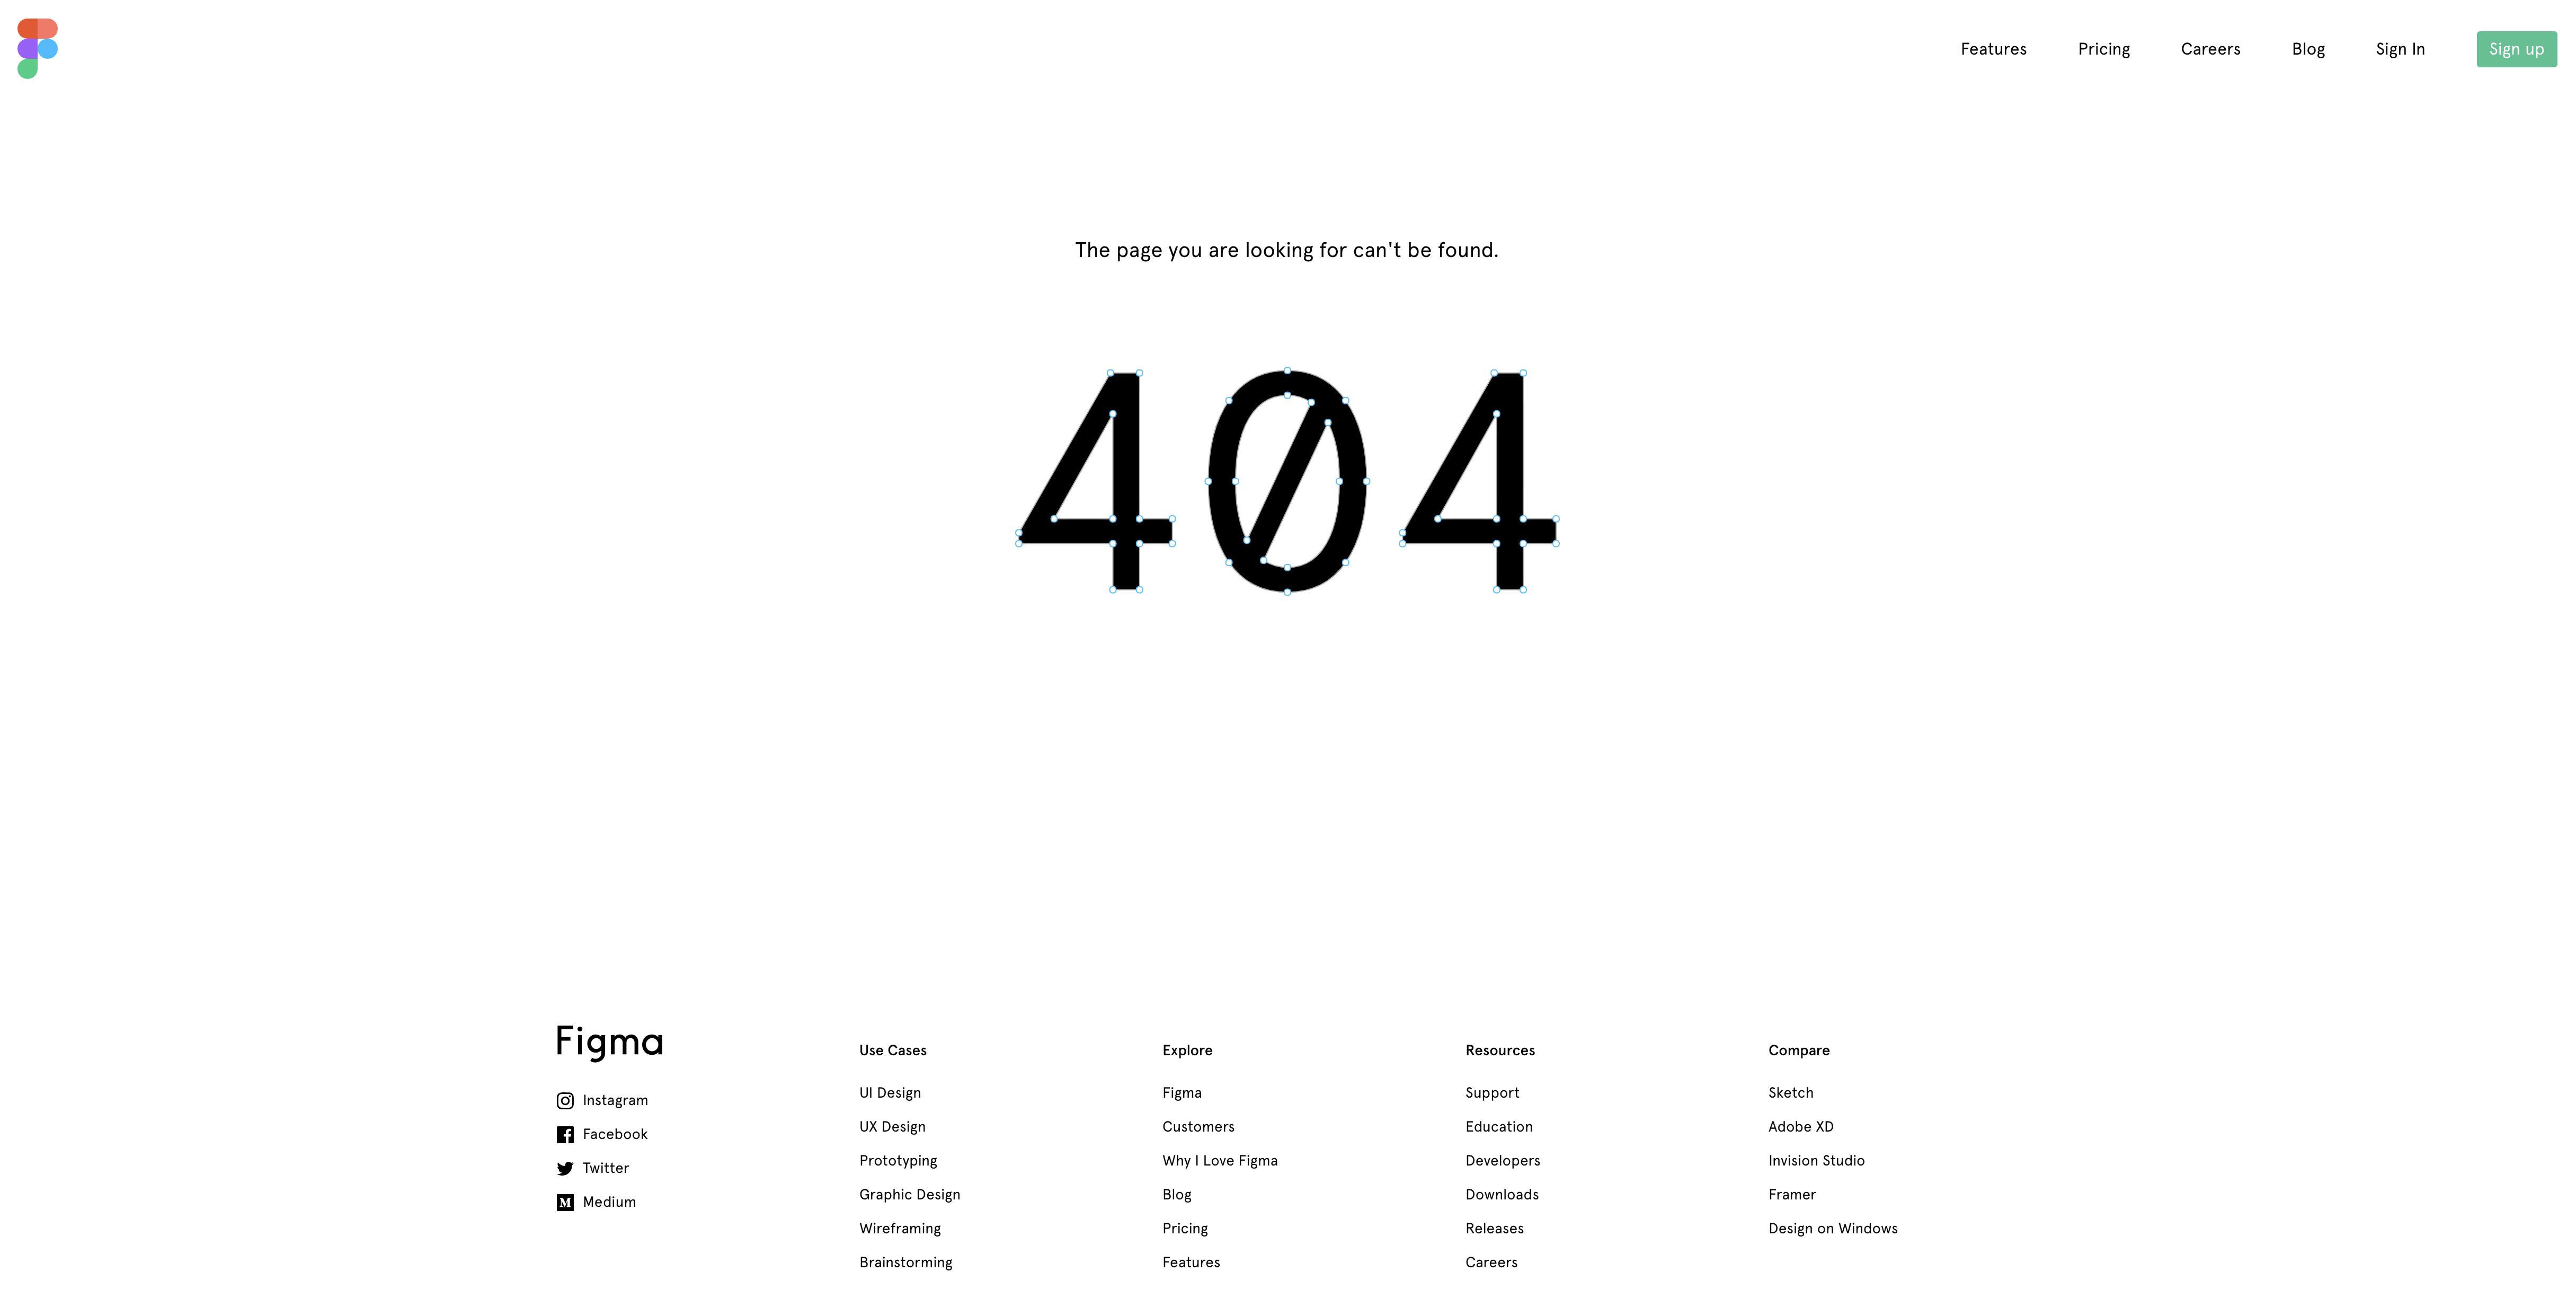 Figma 404